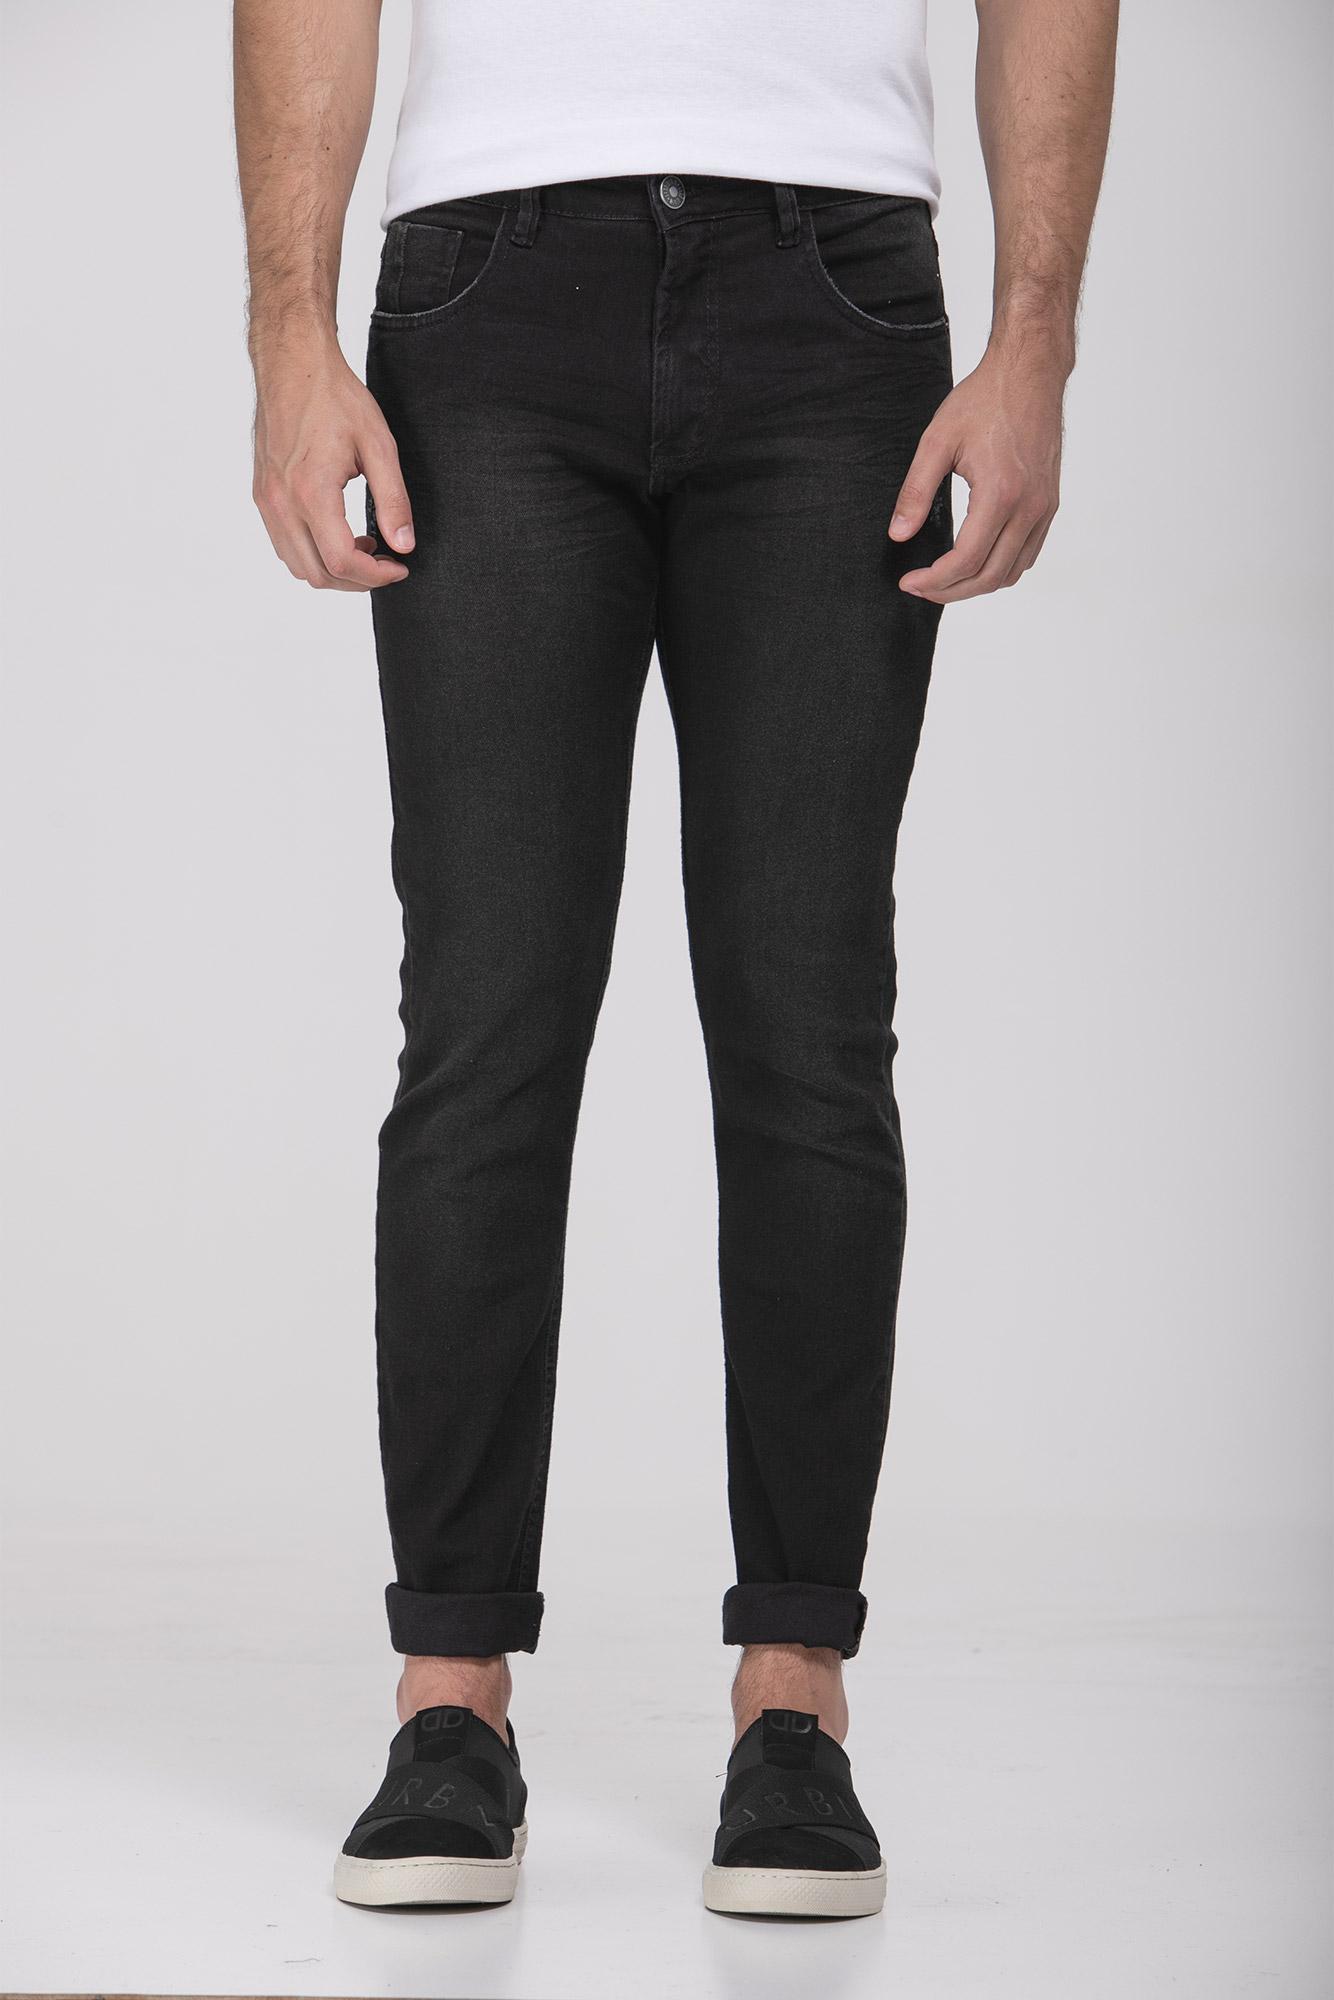 Calça Jeans New Black Style